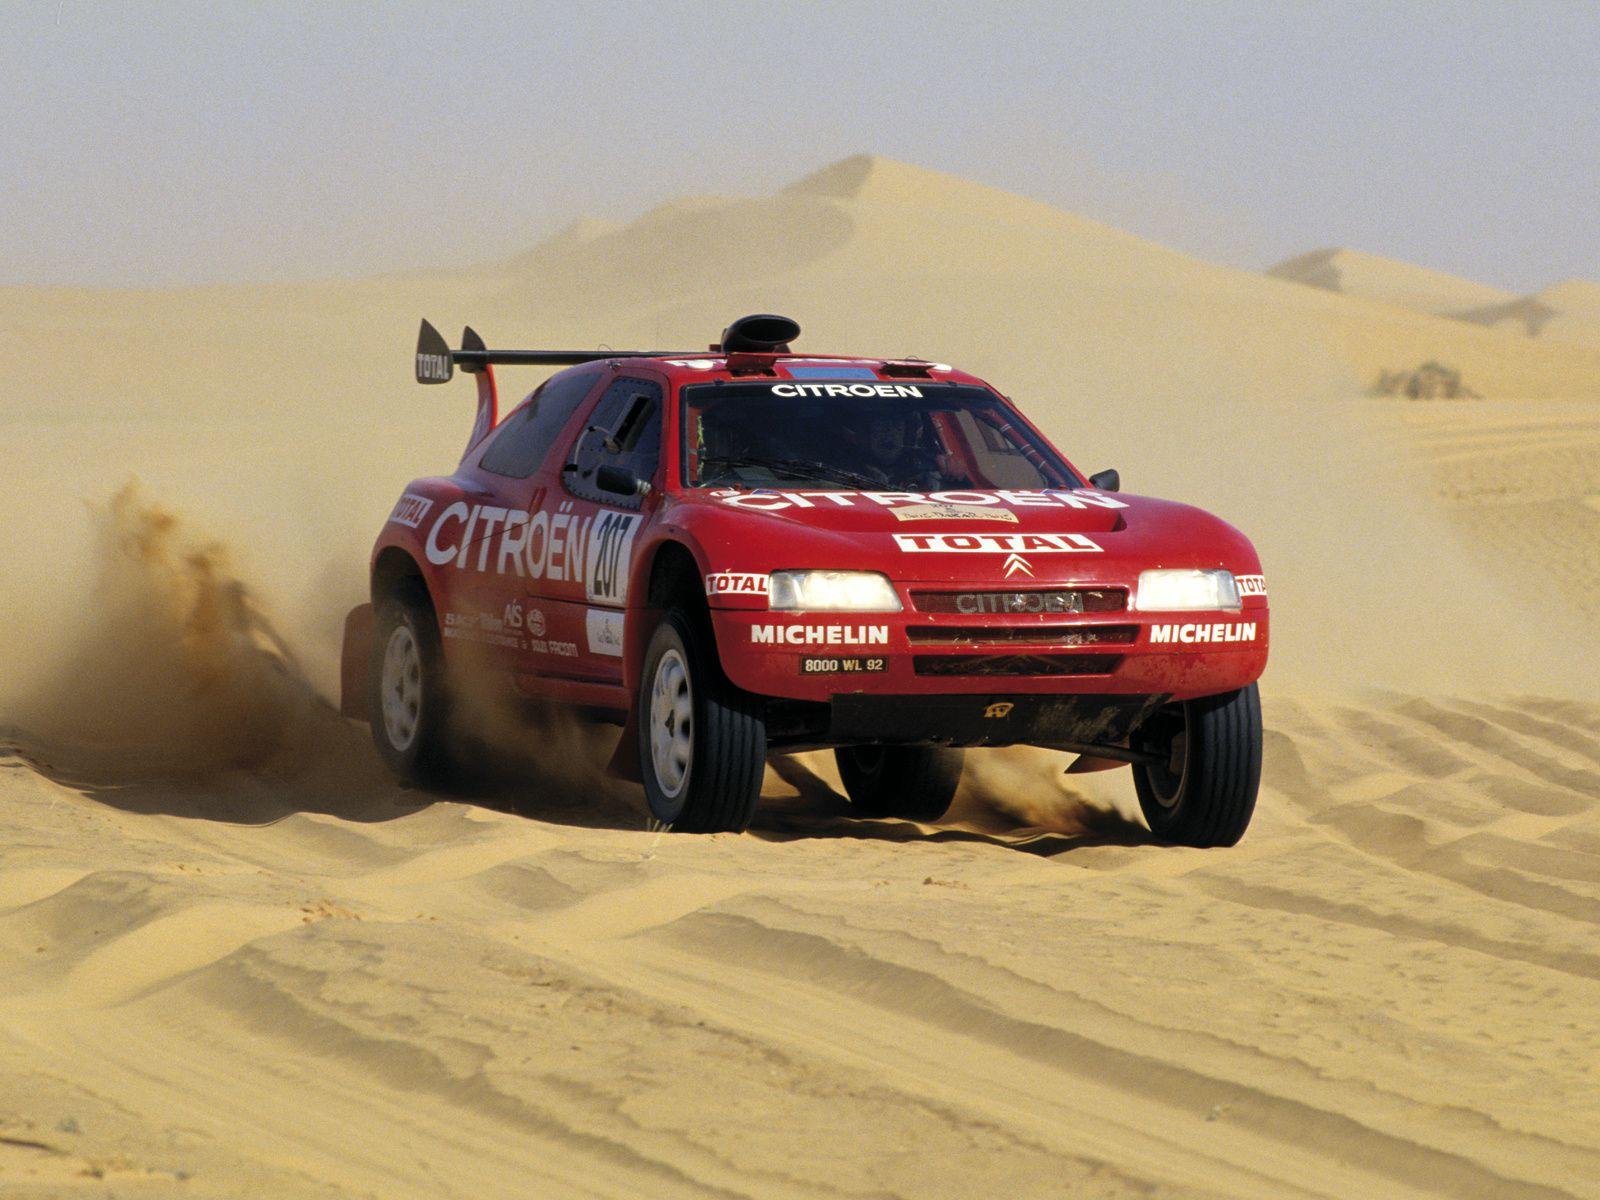 1993 Citroën ZX Rallye-Raid